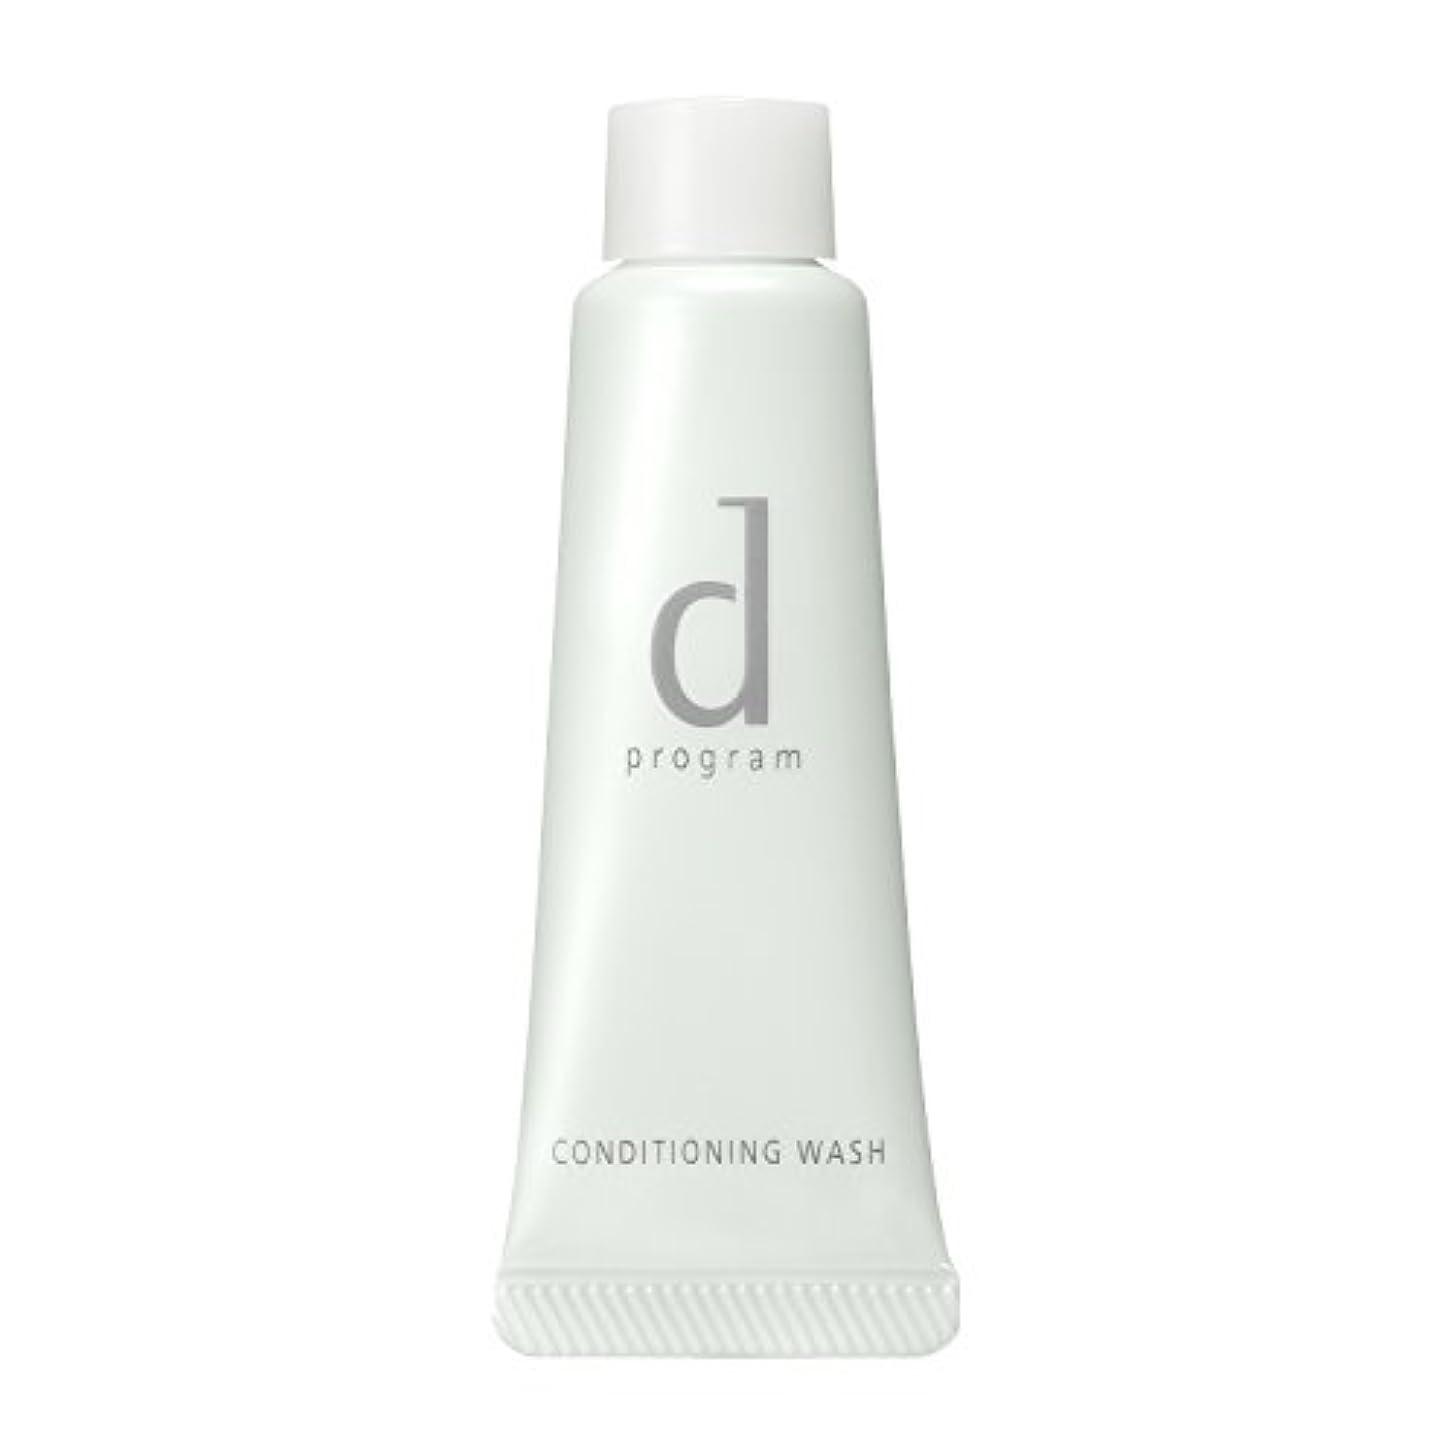 どれでも険しい平行d プログラム コンディショニングウォッシュ 洗顔フォーム (トライアルサイズ) 20g